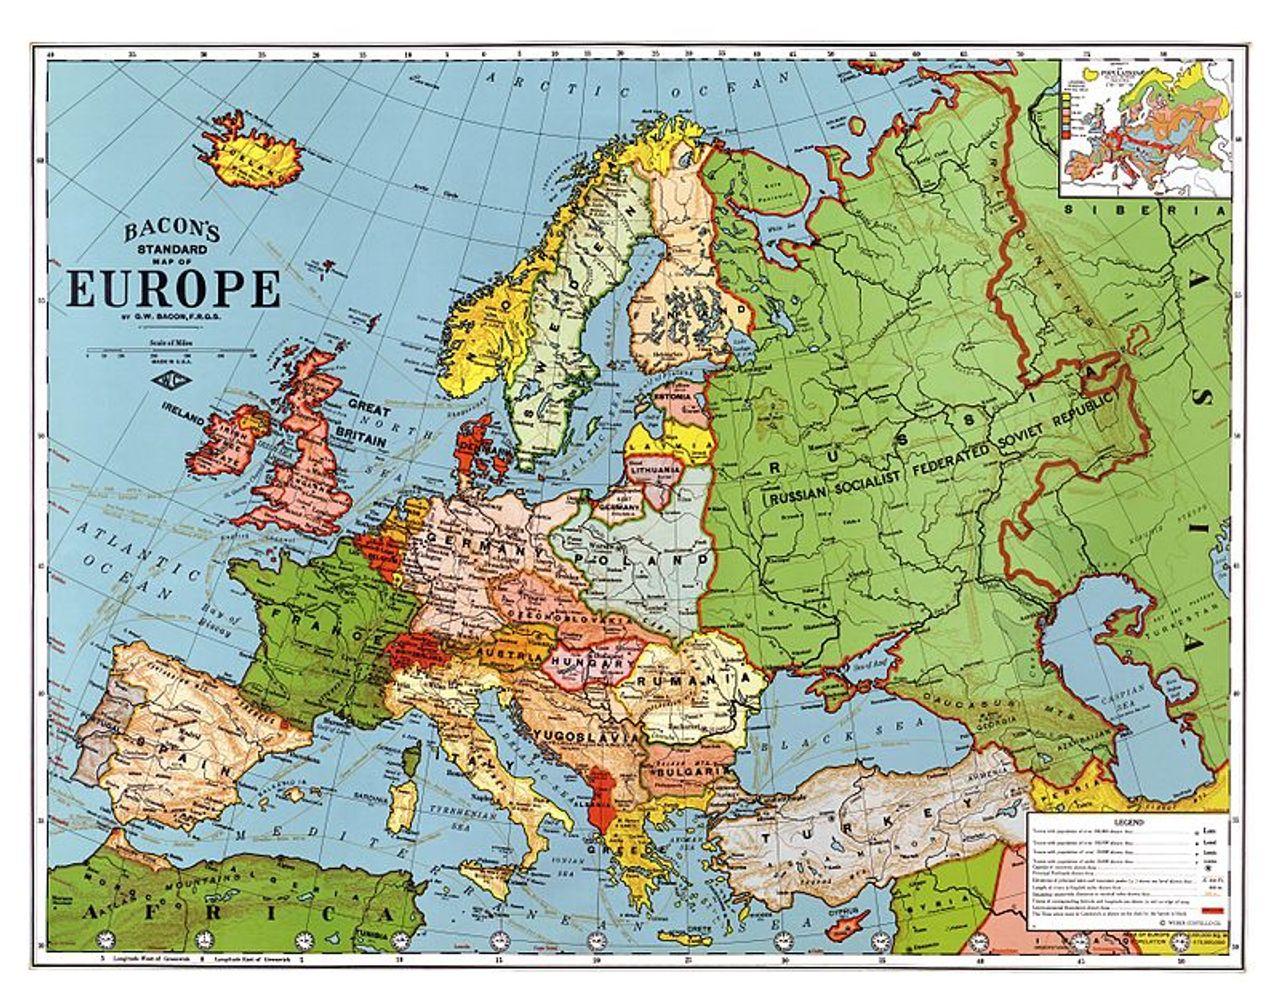 https://www.wsws.org/asset/27ba458f-b4cc-4f36-81c7-b09e9951b74F/06+-+Europe+in+1923.jpg